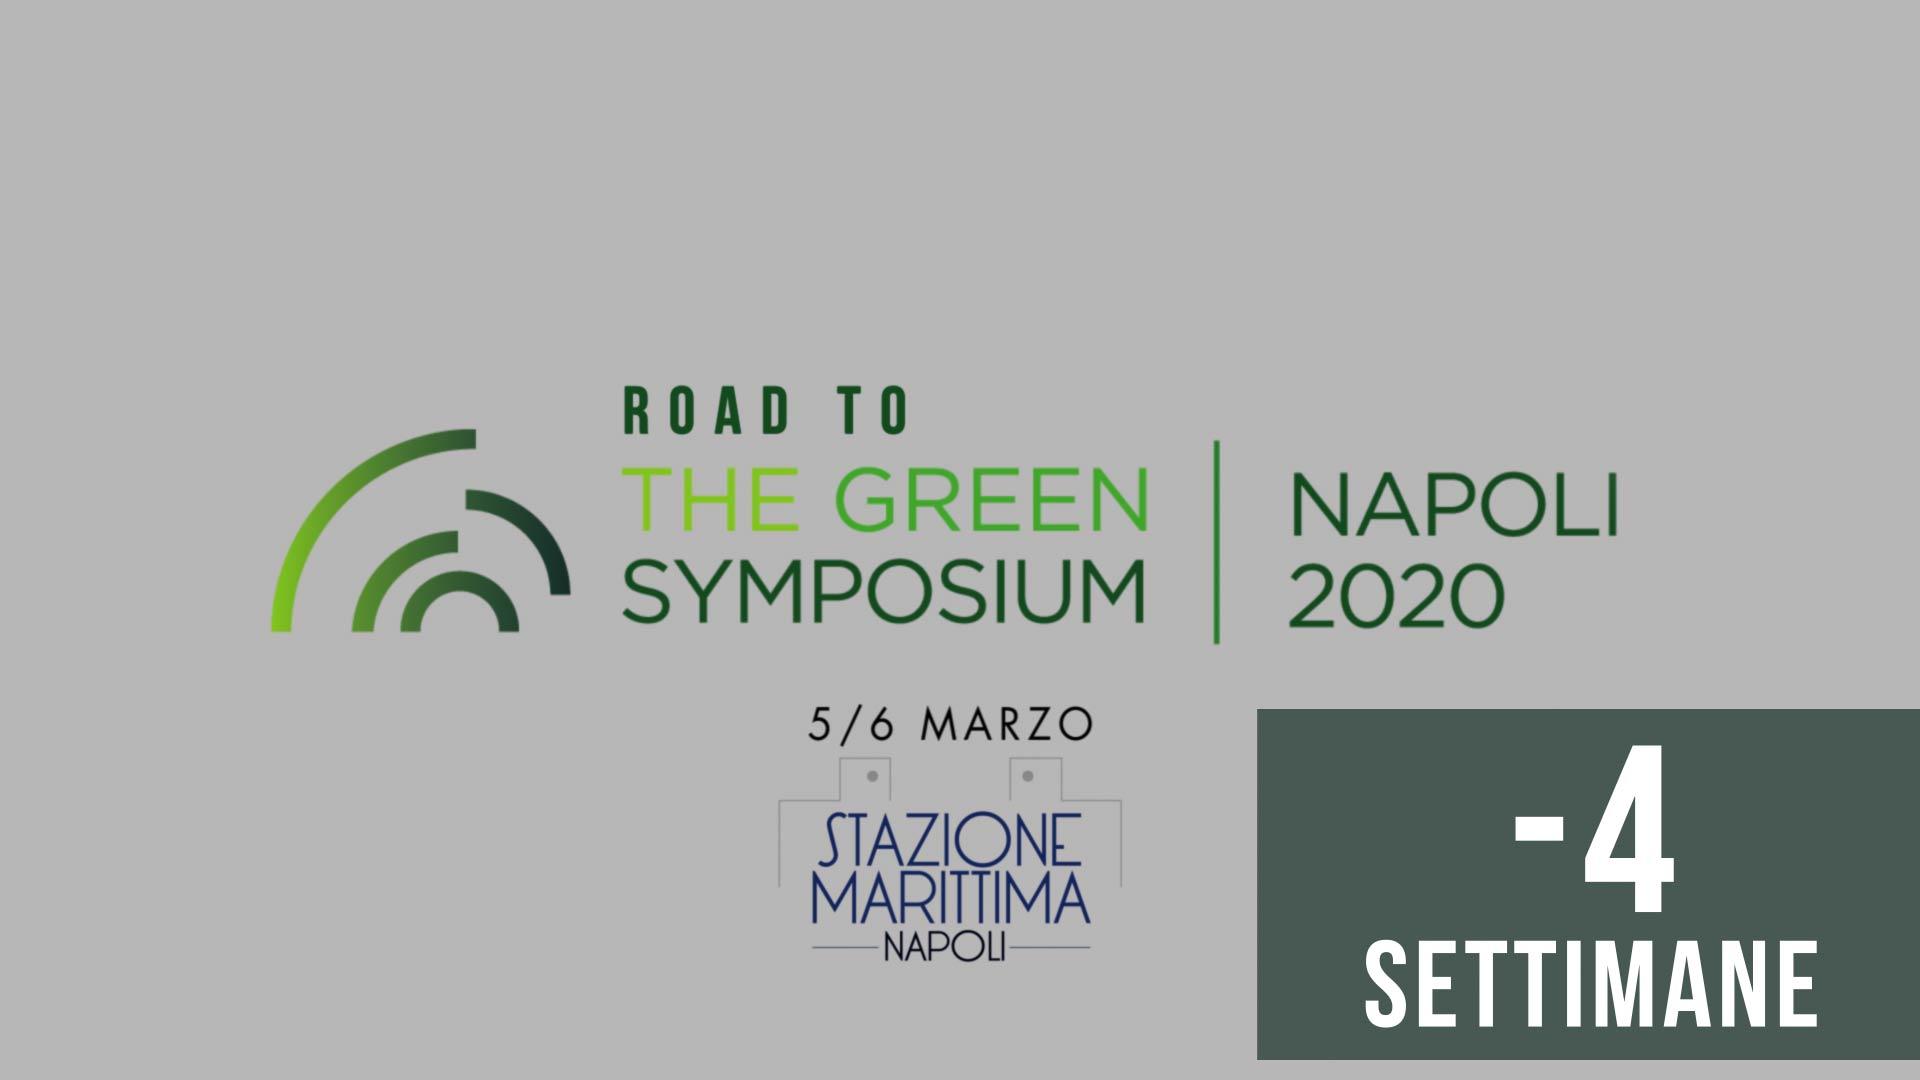 ROAD TO GREEN SYMPOSIUM 2020 - -4 SETTIMANE